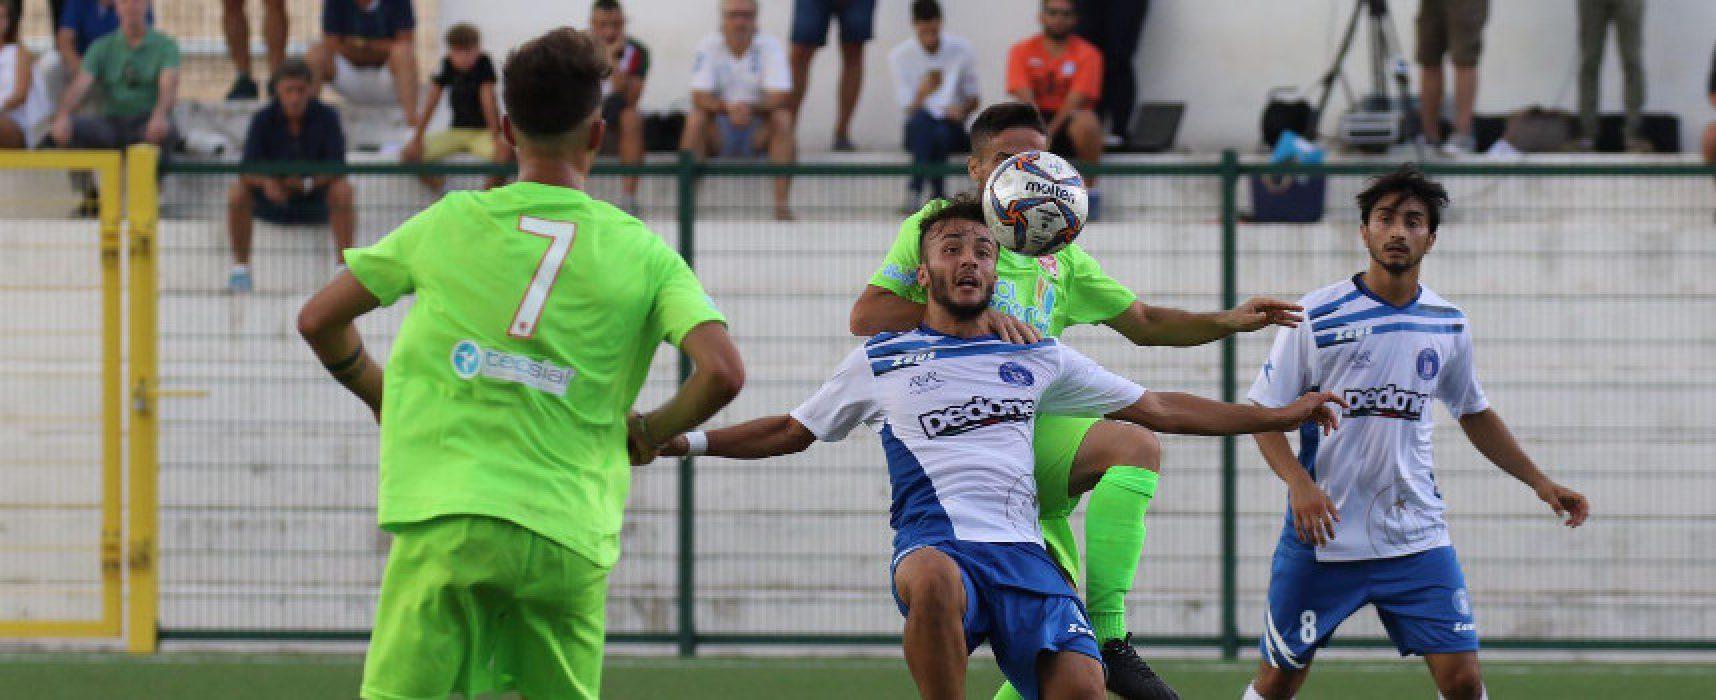 Esordio in campionato a porte chiuse per l'Unione Calcio Bisceglie